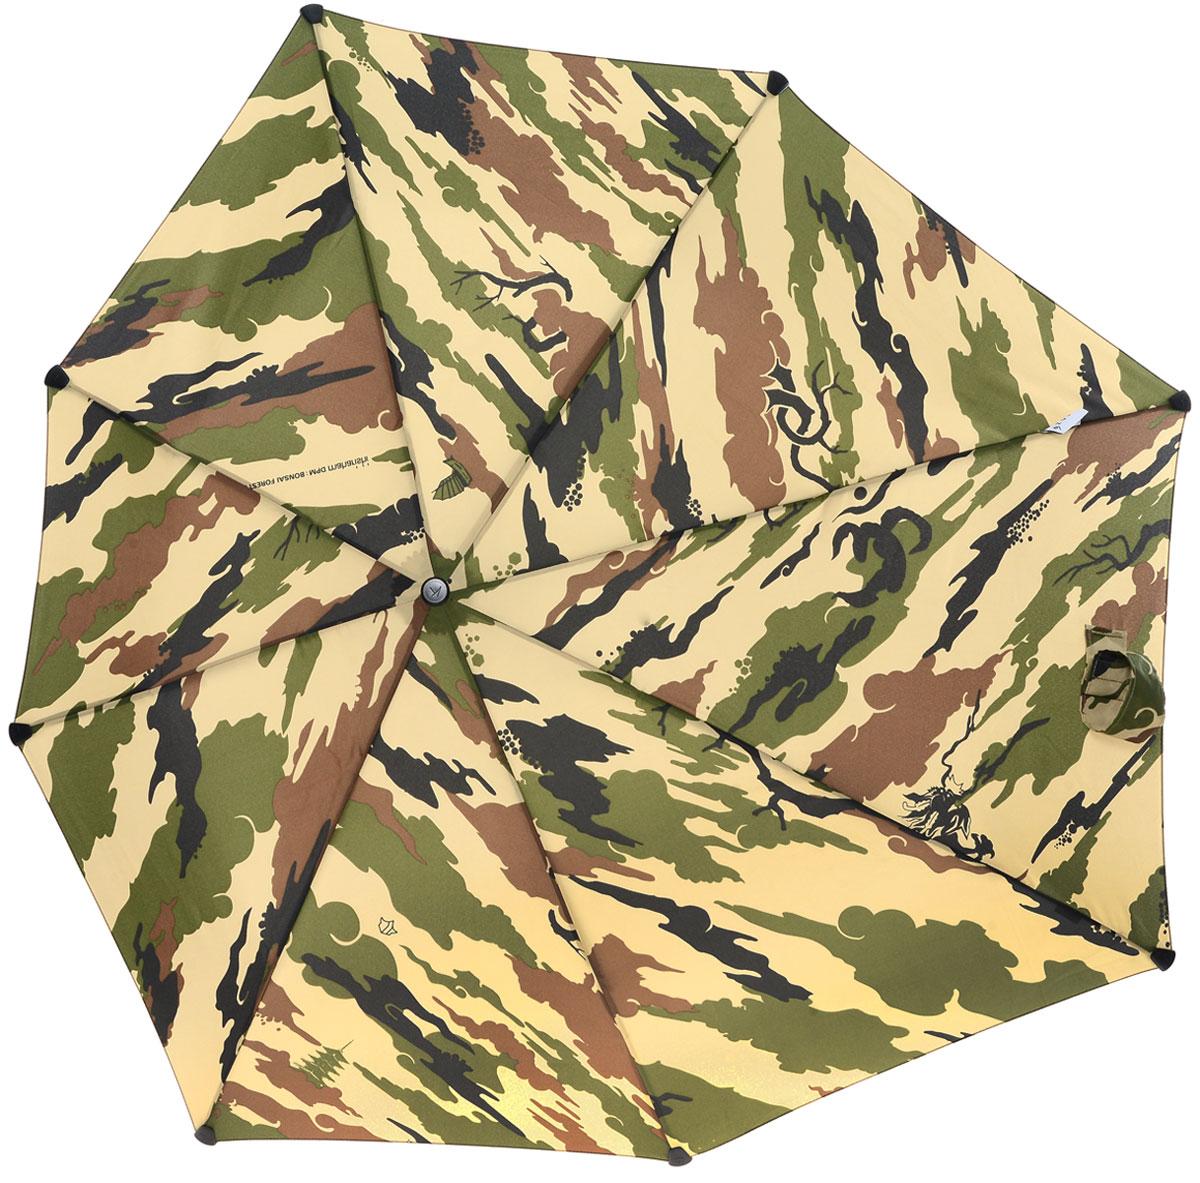 Зонт-автомат Senz, цвет: коричневый, зеленый. 10240211024021Инновационный противоштормовый зонт, выдерживающий любую непогоду. Входит в дизайнерскую коллекцию, разработанную совместно с британским лейблом Maharisi. Спокойные расцветки унисекс и узоры в стиле милитари — визитные карточки бренда, узнаваемые по всему миру. Форма купола продумана так, что вы легко найдете самое удобное положение на ветру – без паники и без борьбы со стихией. Закрывает спину от дождя. Благодаря своей усовершенствованной конструкции, зонт не выворачивается наизнанку даже при сильном ветре.Модель Senz Automatic выдержала испытания в аэротрубе со скоростью ветра 80 км/ч. Характеристики: - тип — автомат - три сложения - выдерживает порывы ветра до 80 км/ч - УФ-защита 50+ - эргономичная ручка - безопасные колпачки на кончиках спиц - в комплекте чехол с фирменным принтом - гарантия 2 года Размер купола: 91 х 91 см, длина в сложенном виде - 28 см, в раскрытом - 57 см. Весит 360 г.